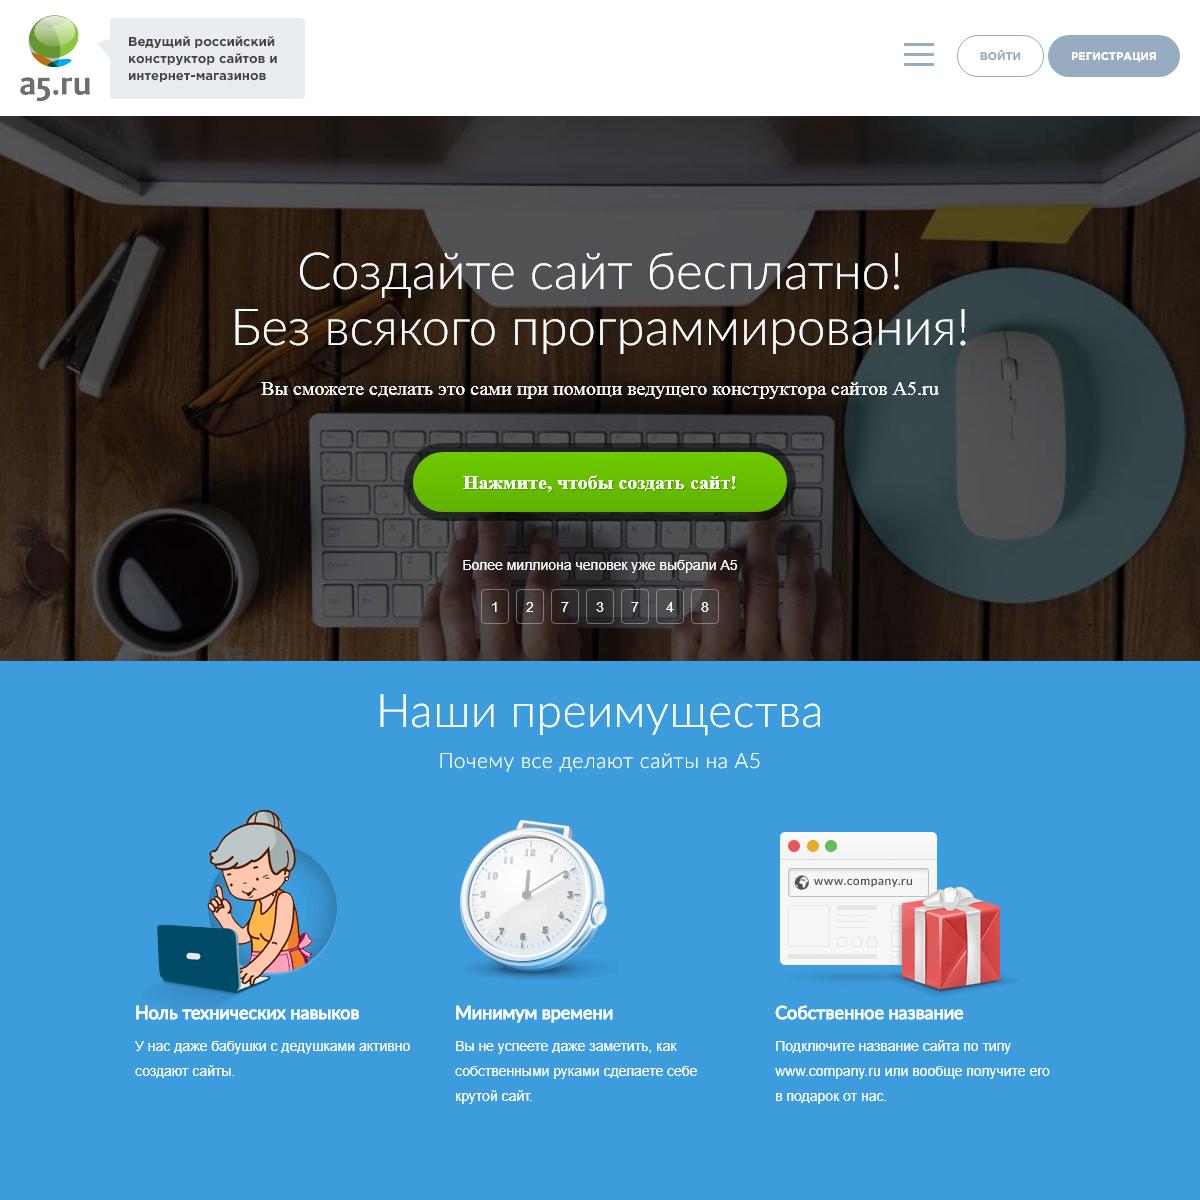 Создать сайт бесплатно самому с нуля на конструкторе сайтов A5.ru